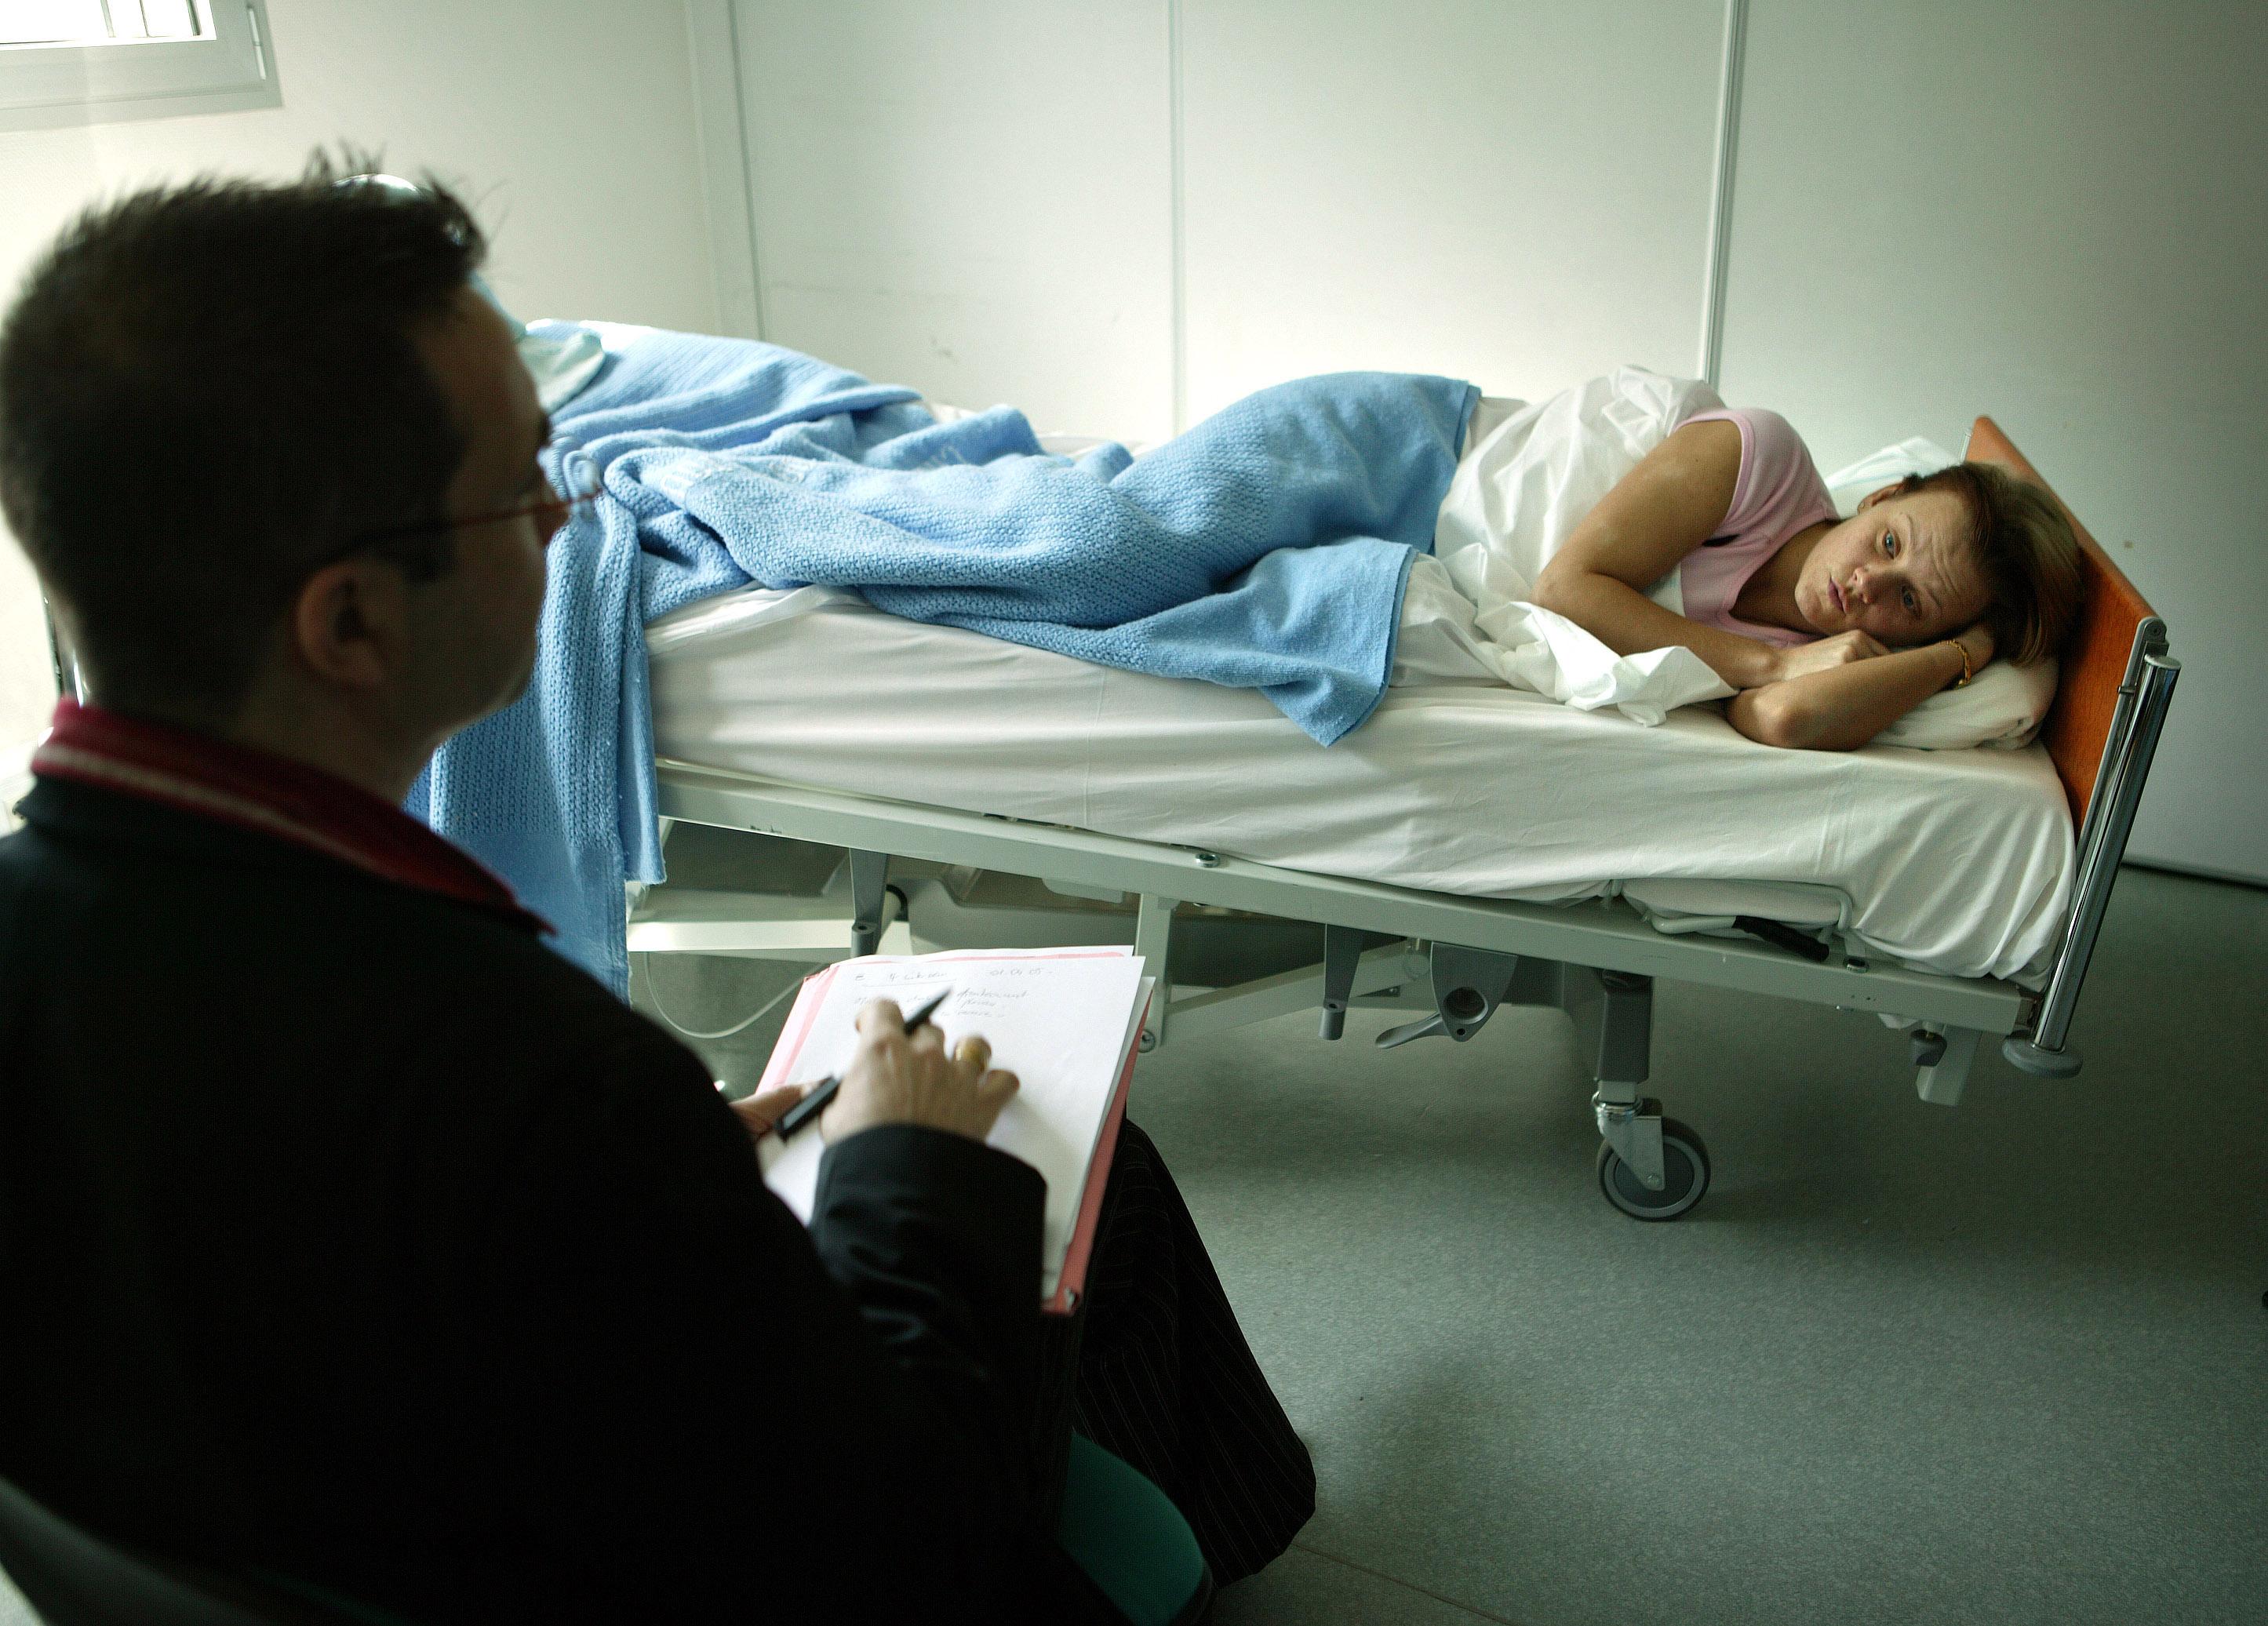 A német tudósok 16,5 ezer eurót fizetnek, ha 60 napig fekszel egy ágyban